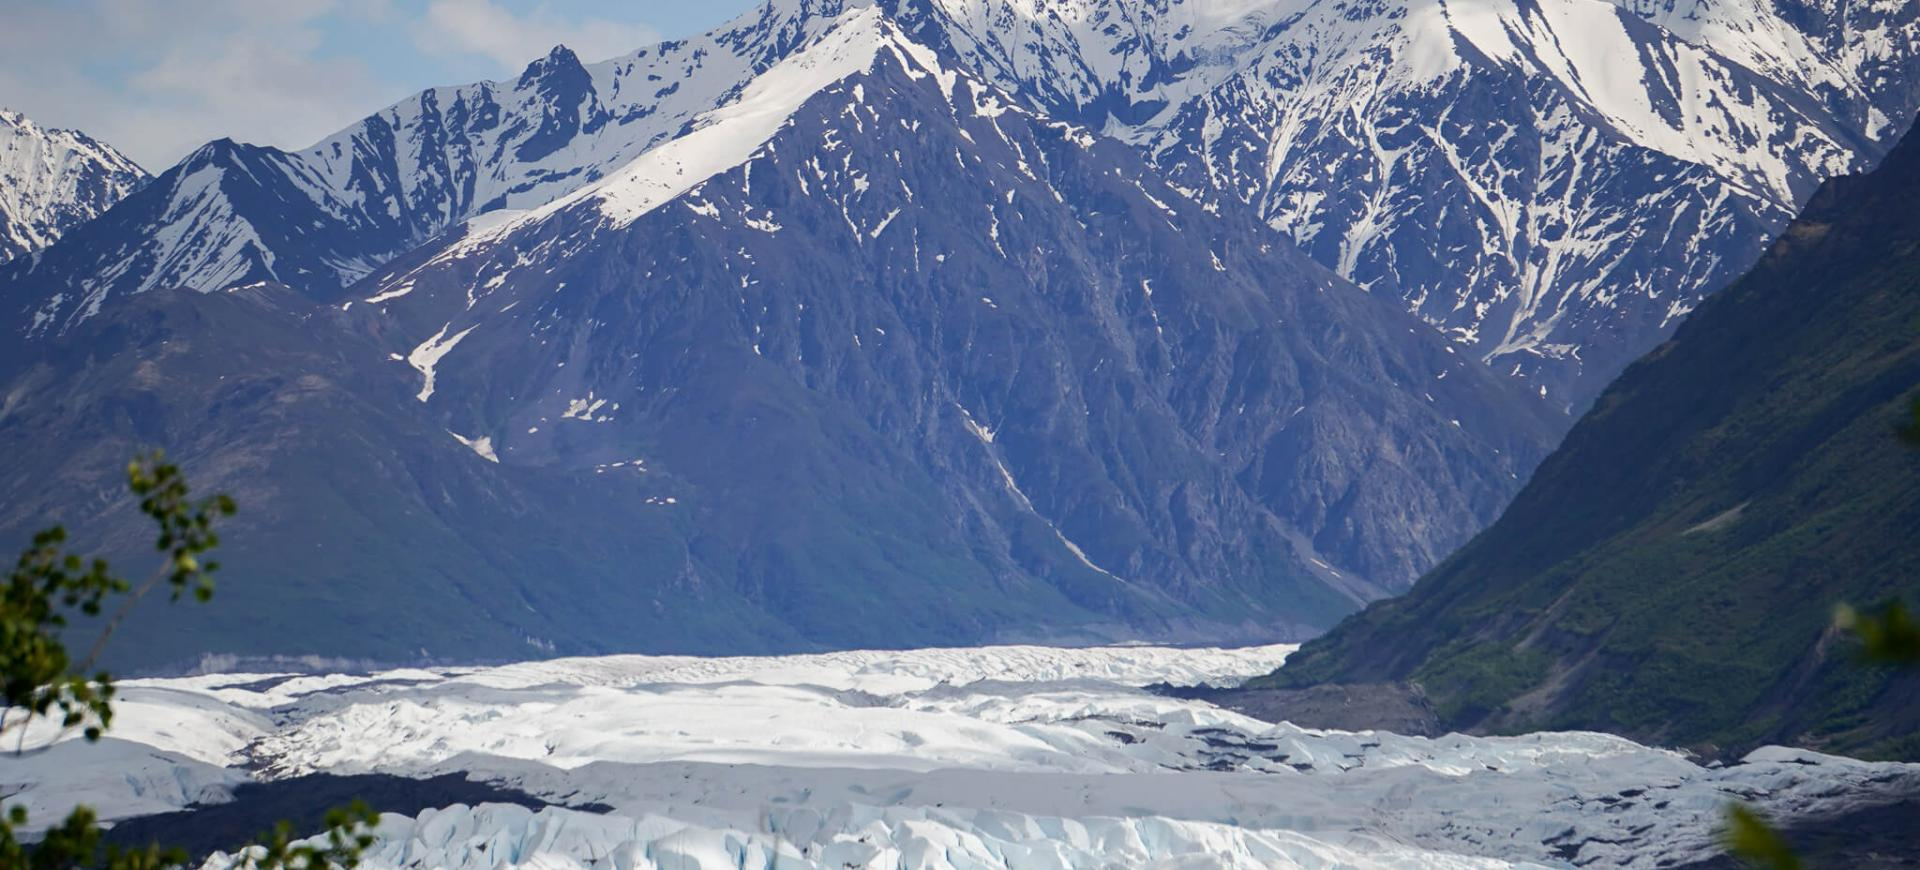 matanuska-lodowce-alaska